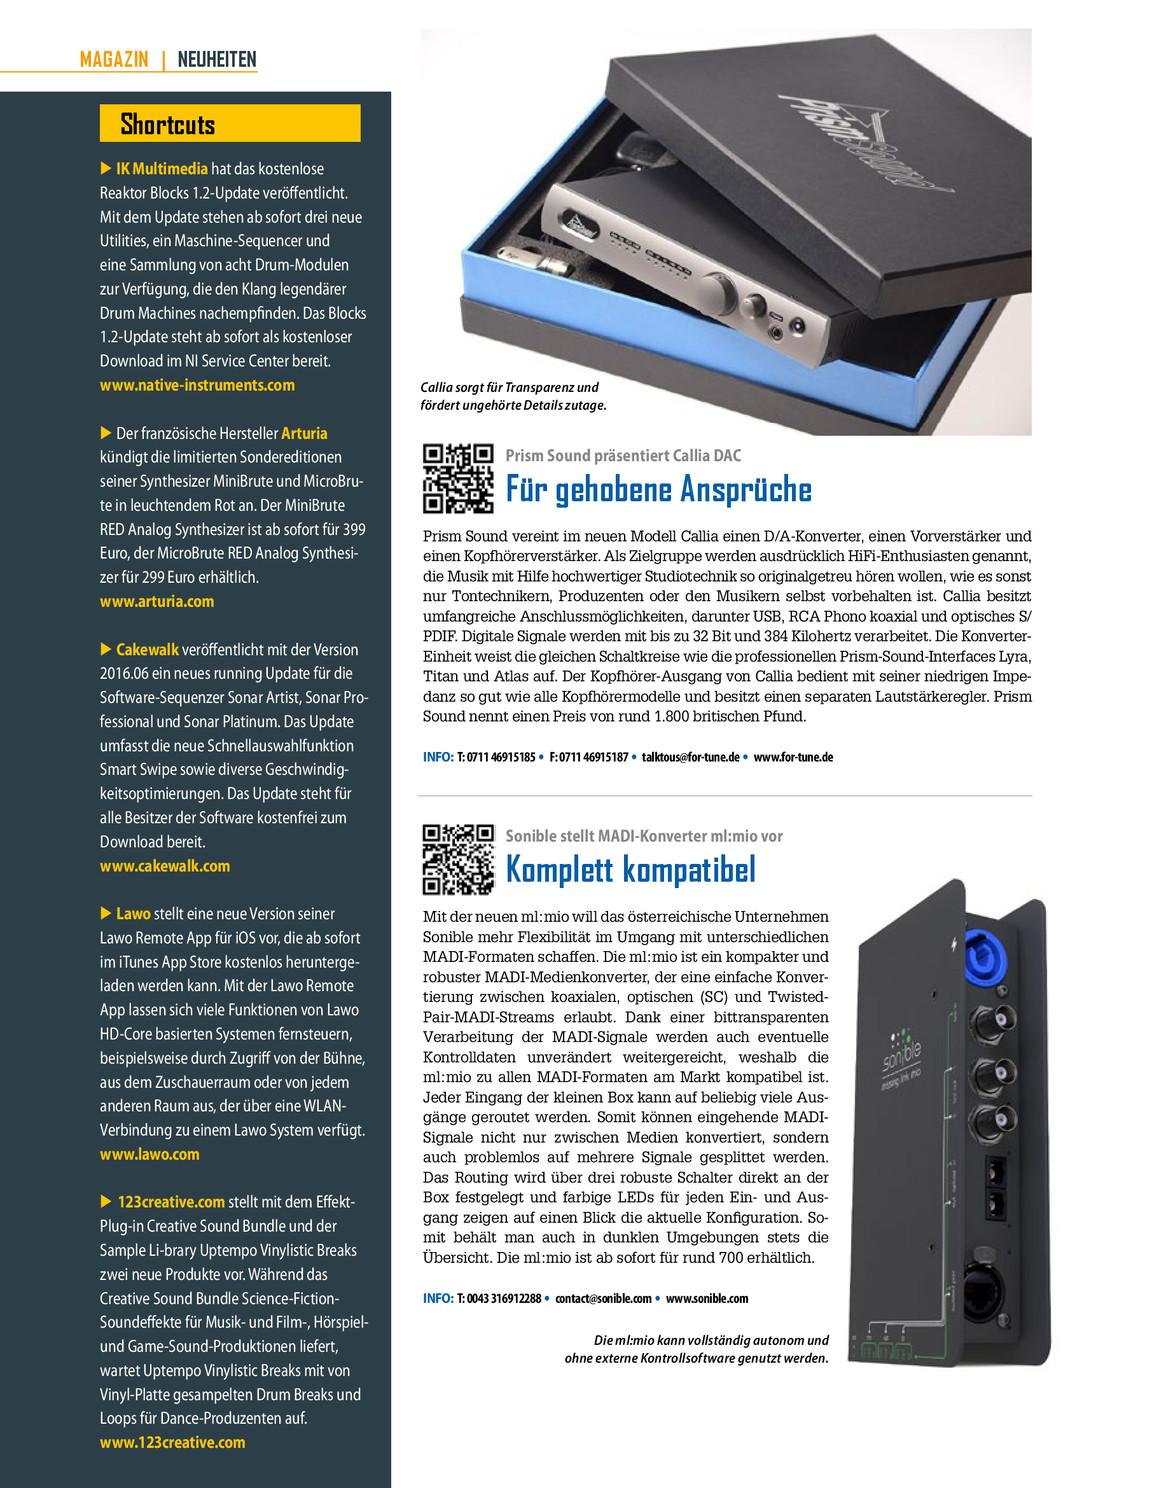 Großartig Schaltungsdesign Software Kostenloser Download Ideen - Die ...